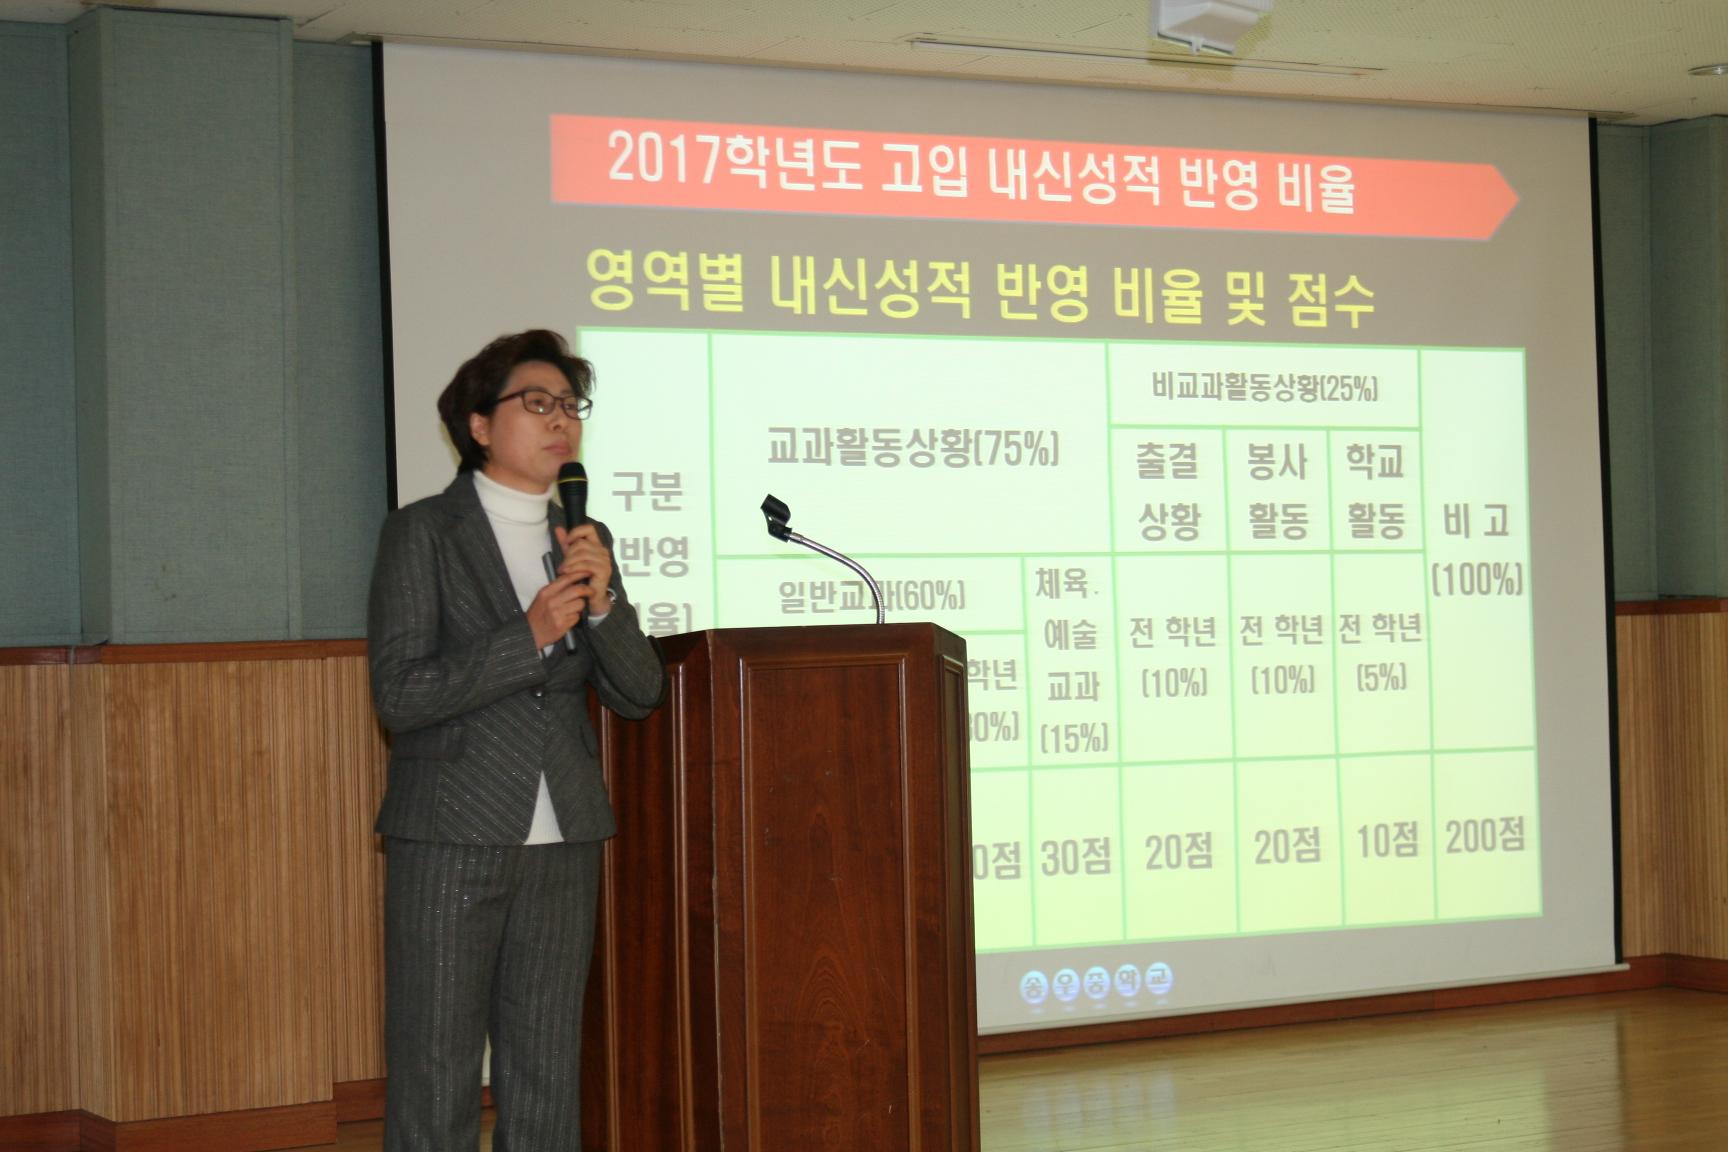 [일반] 2016학년도 상반기 학부모총회의 첨부이미지 1